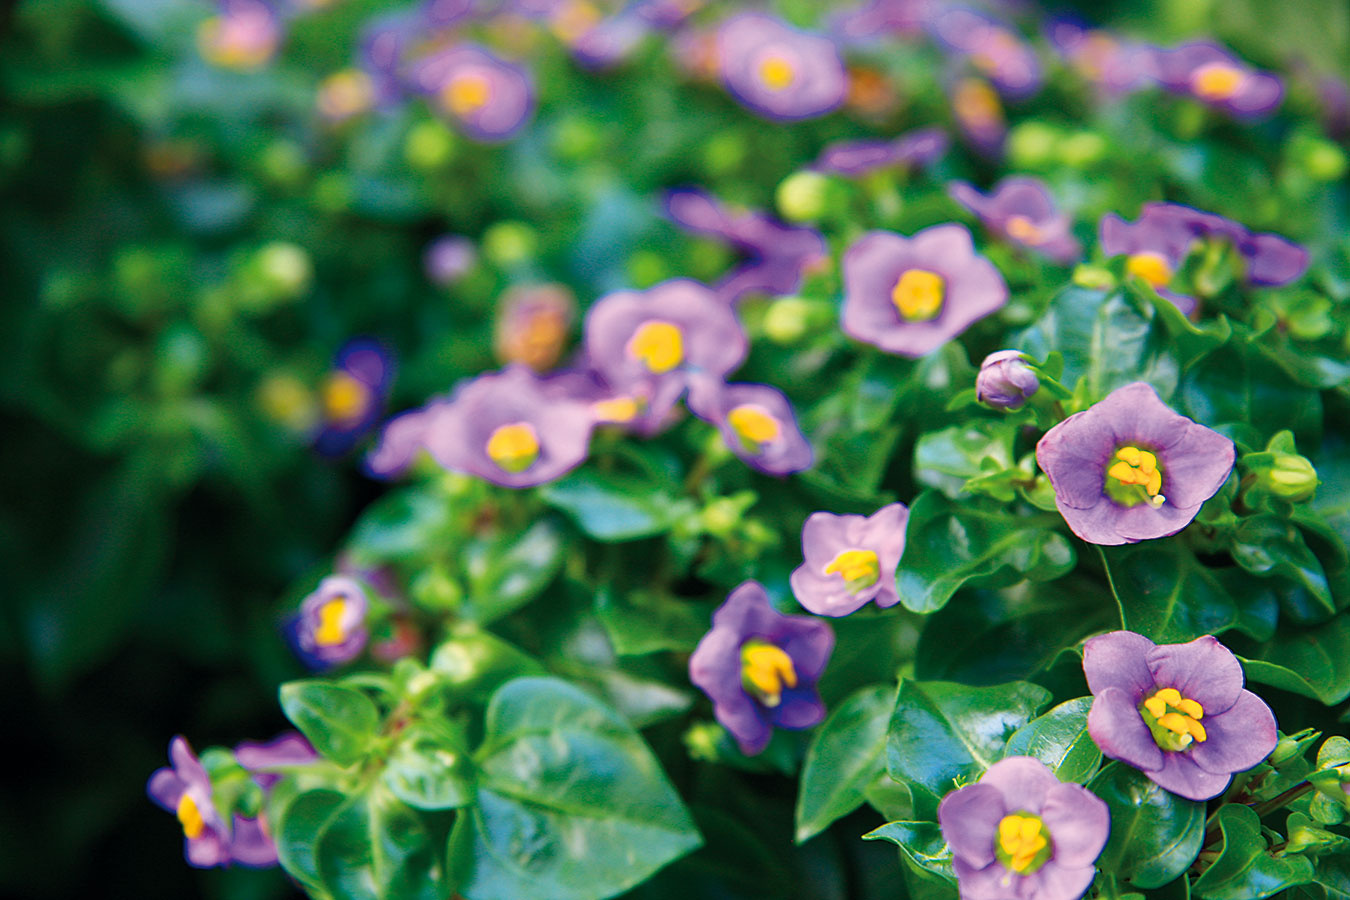 Ekzakum (Exacum affine), ľudovo známe aj ako nemecká fialka, je jednoročná rastlina, ktorá kvitne šesť až osem týždňov (od júna do novembra). Jej kvety sú voňavé amôžu byť modré, fialové, biele alebo ružové.